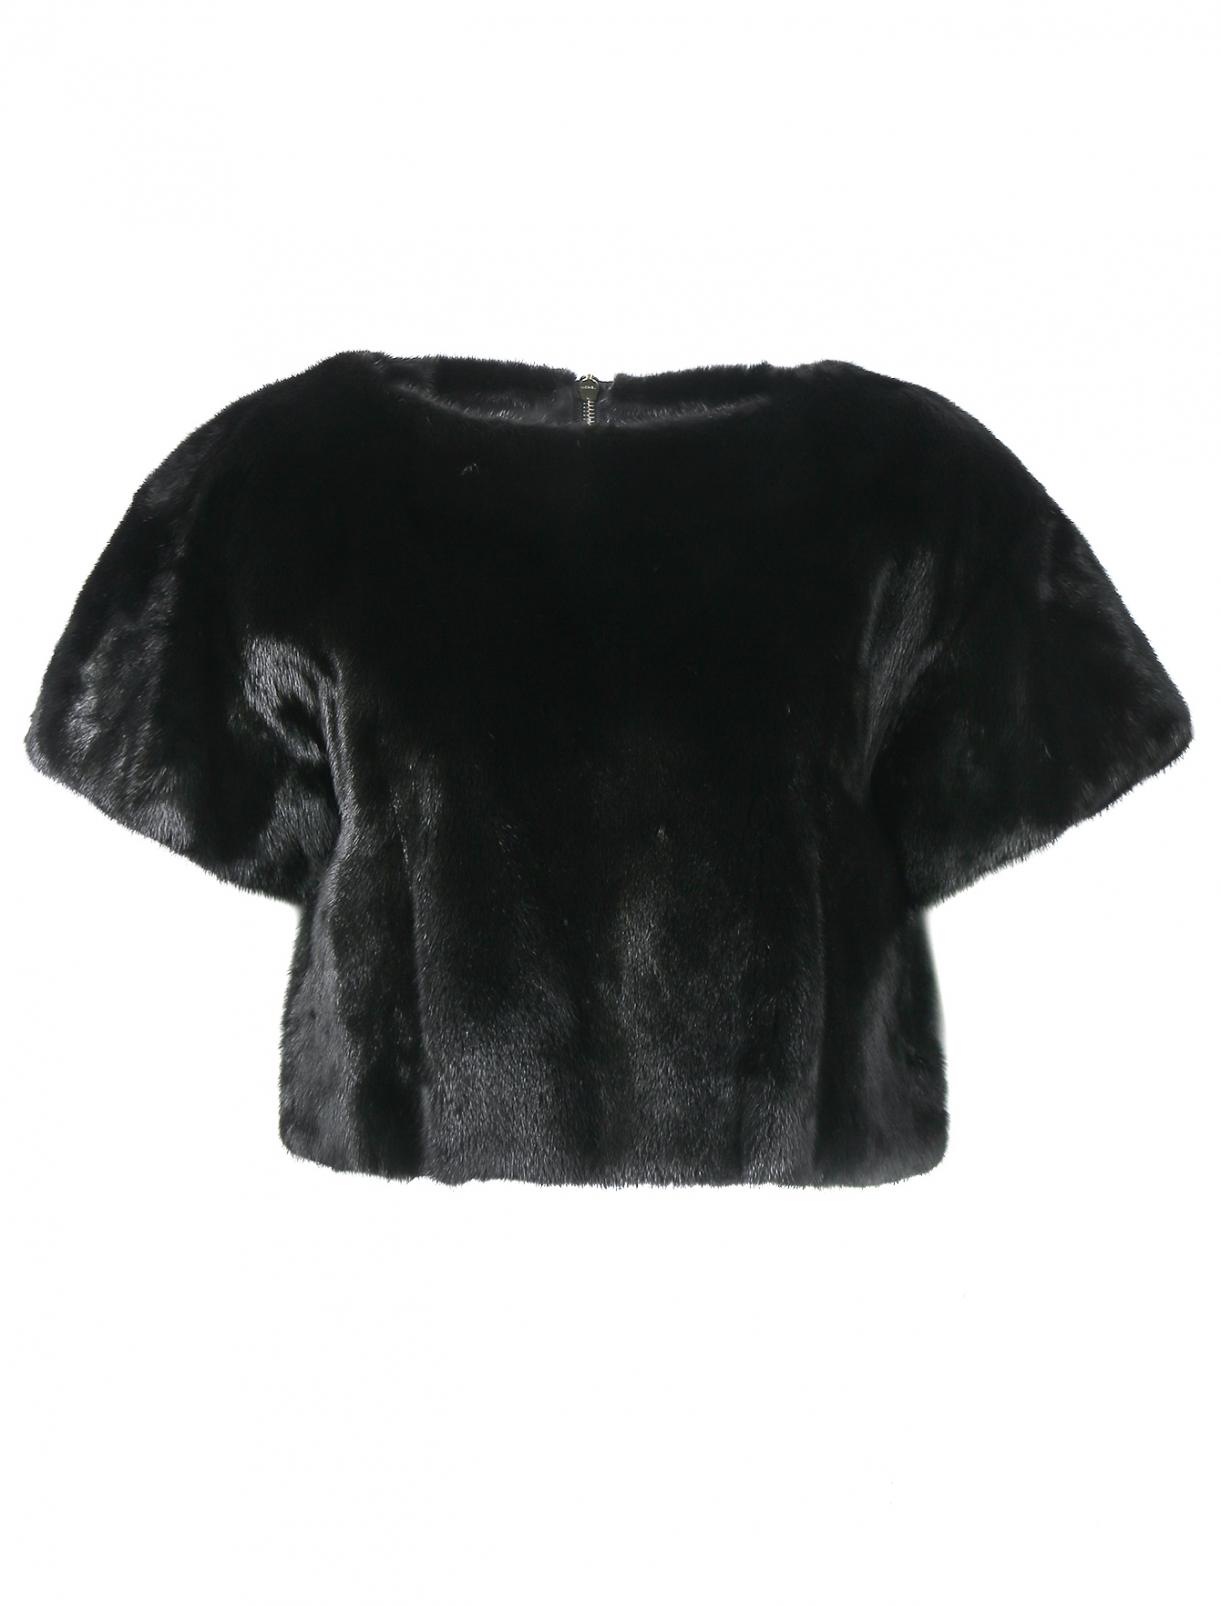 Топ из меха норки с короткими рукавами Yves Salomon  –  Общий вид  – Цвет:  Черный